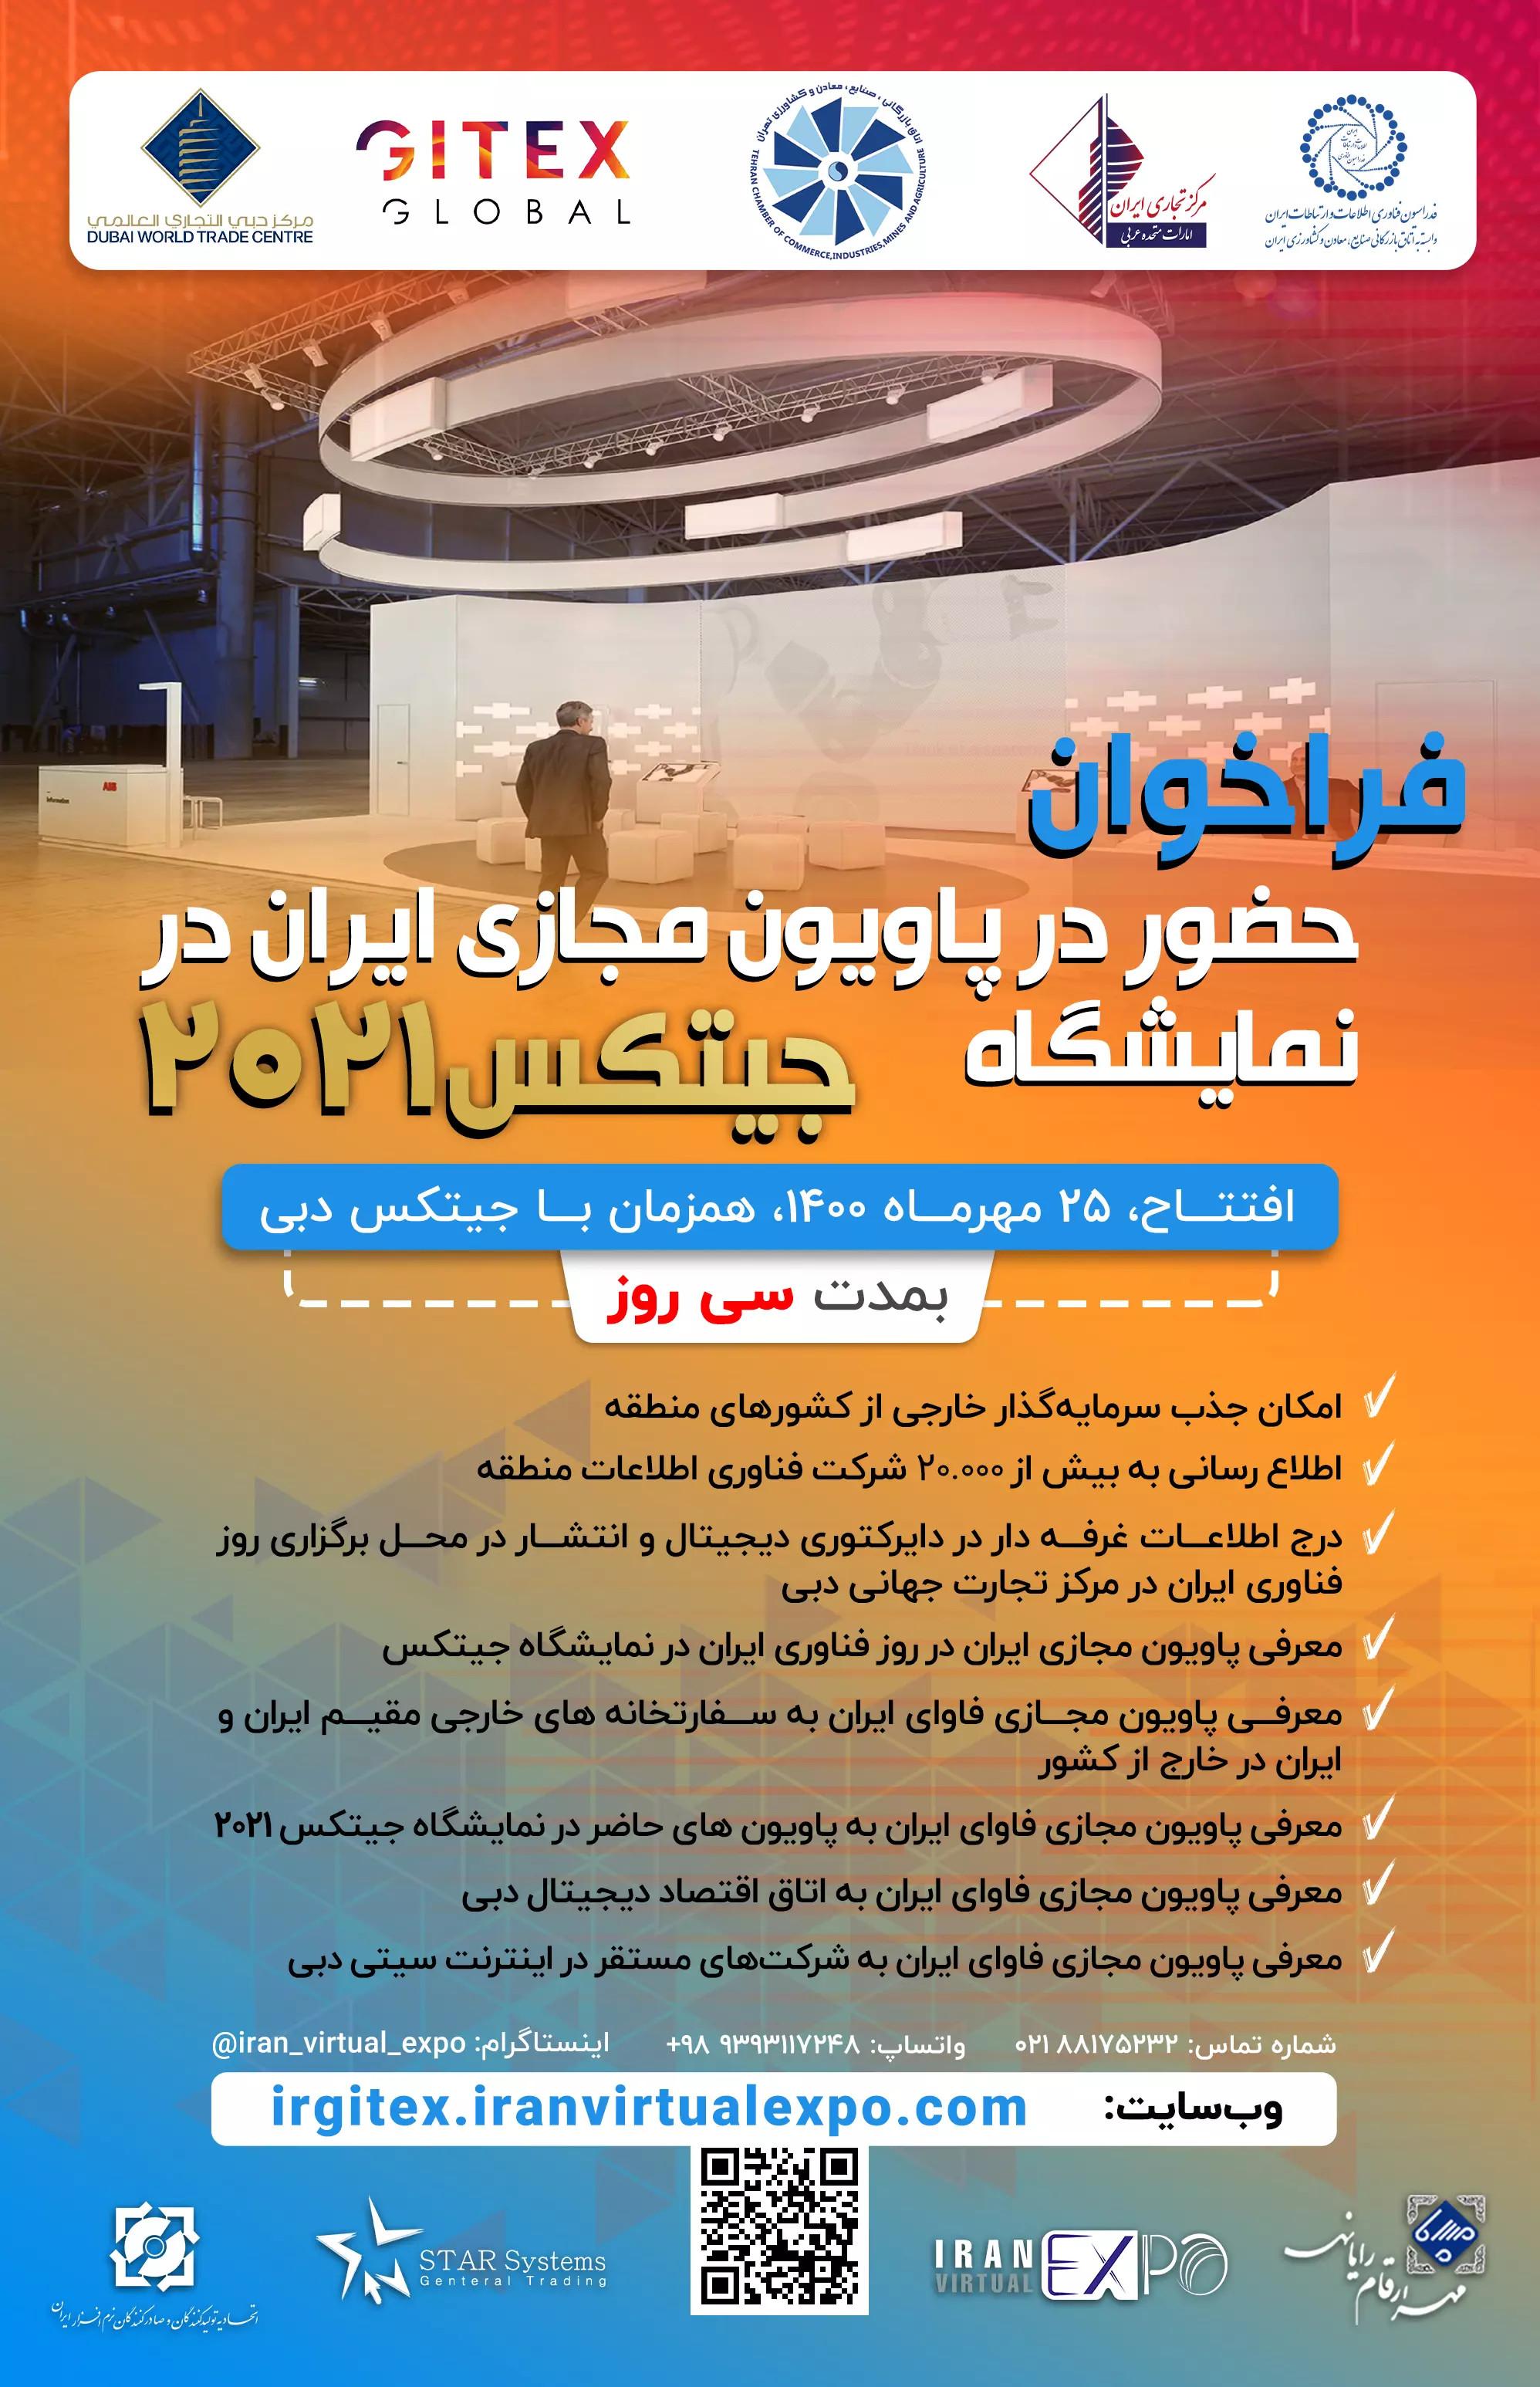 پاویون مجازی ایران در «جیتکس»